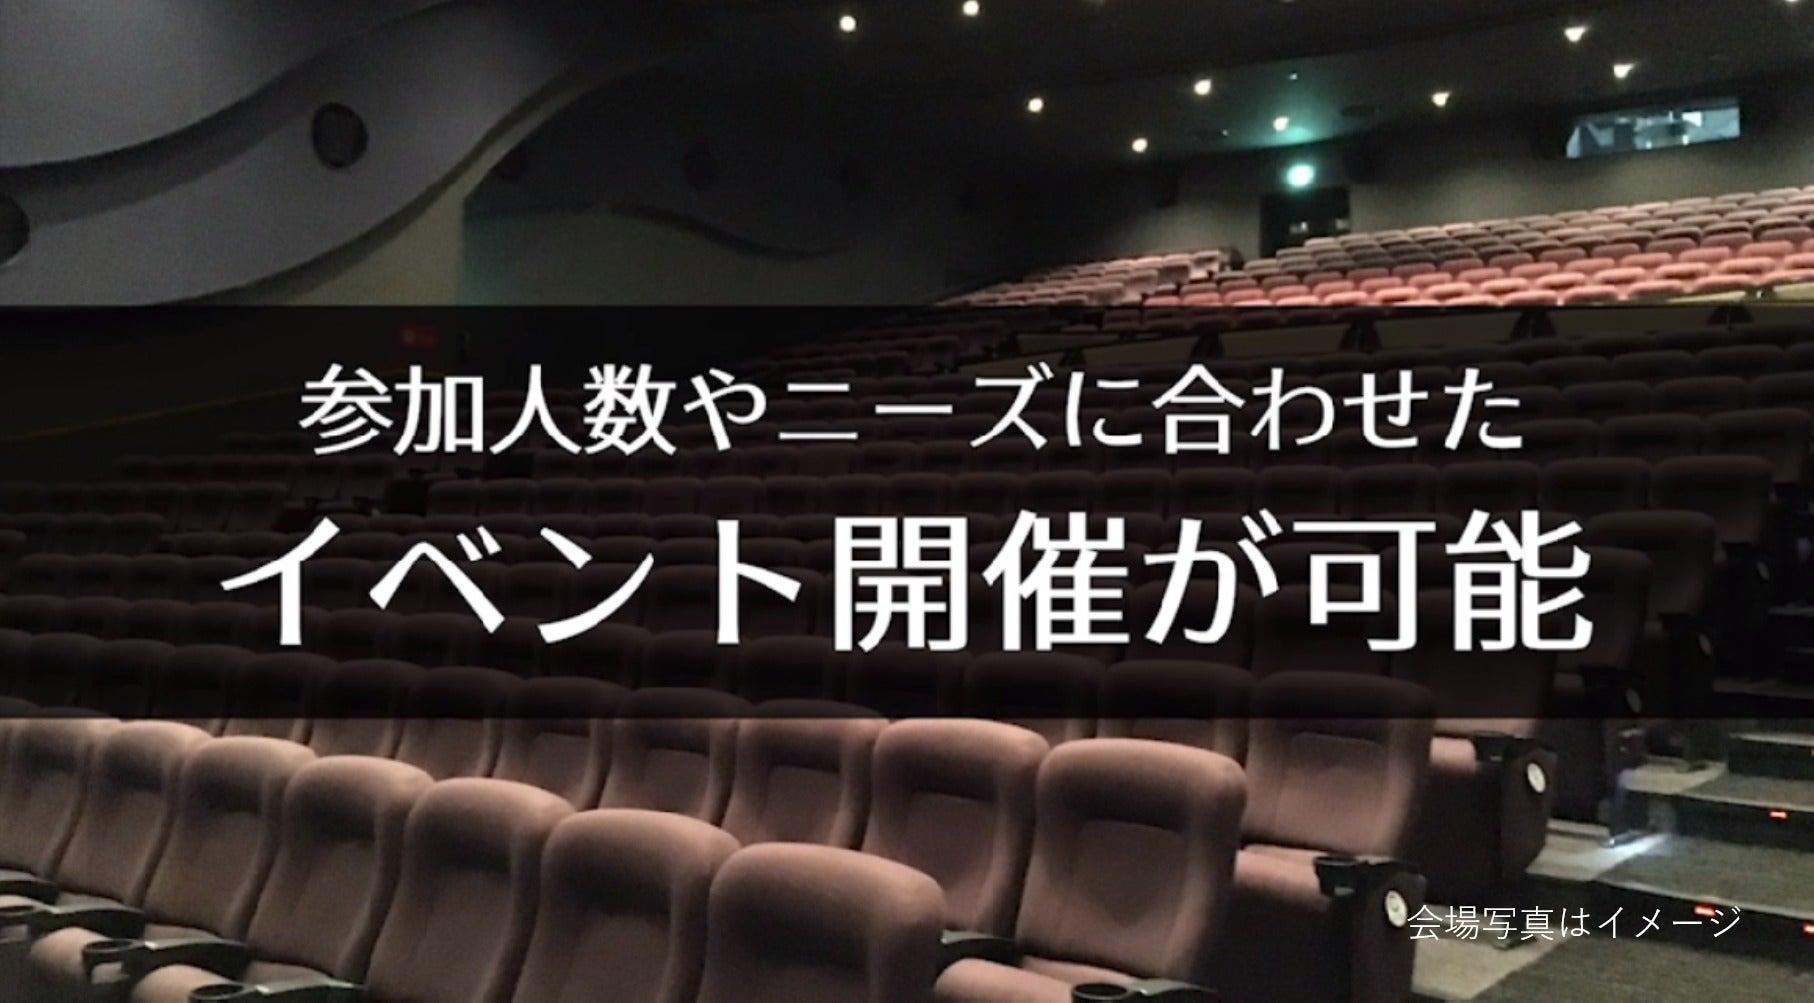 【浦和 119席】映画館で、会社説明会、株主総会、講演会の企画はいかがですか?(ユナイテッド・シネマ浦和) の写真0